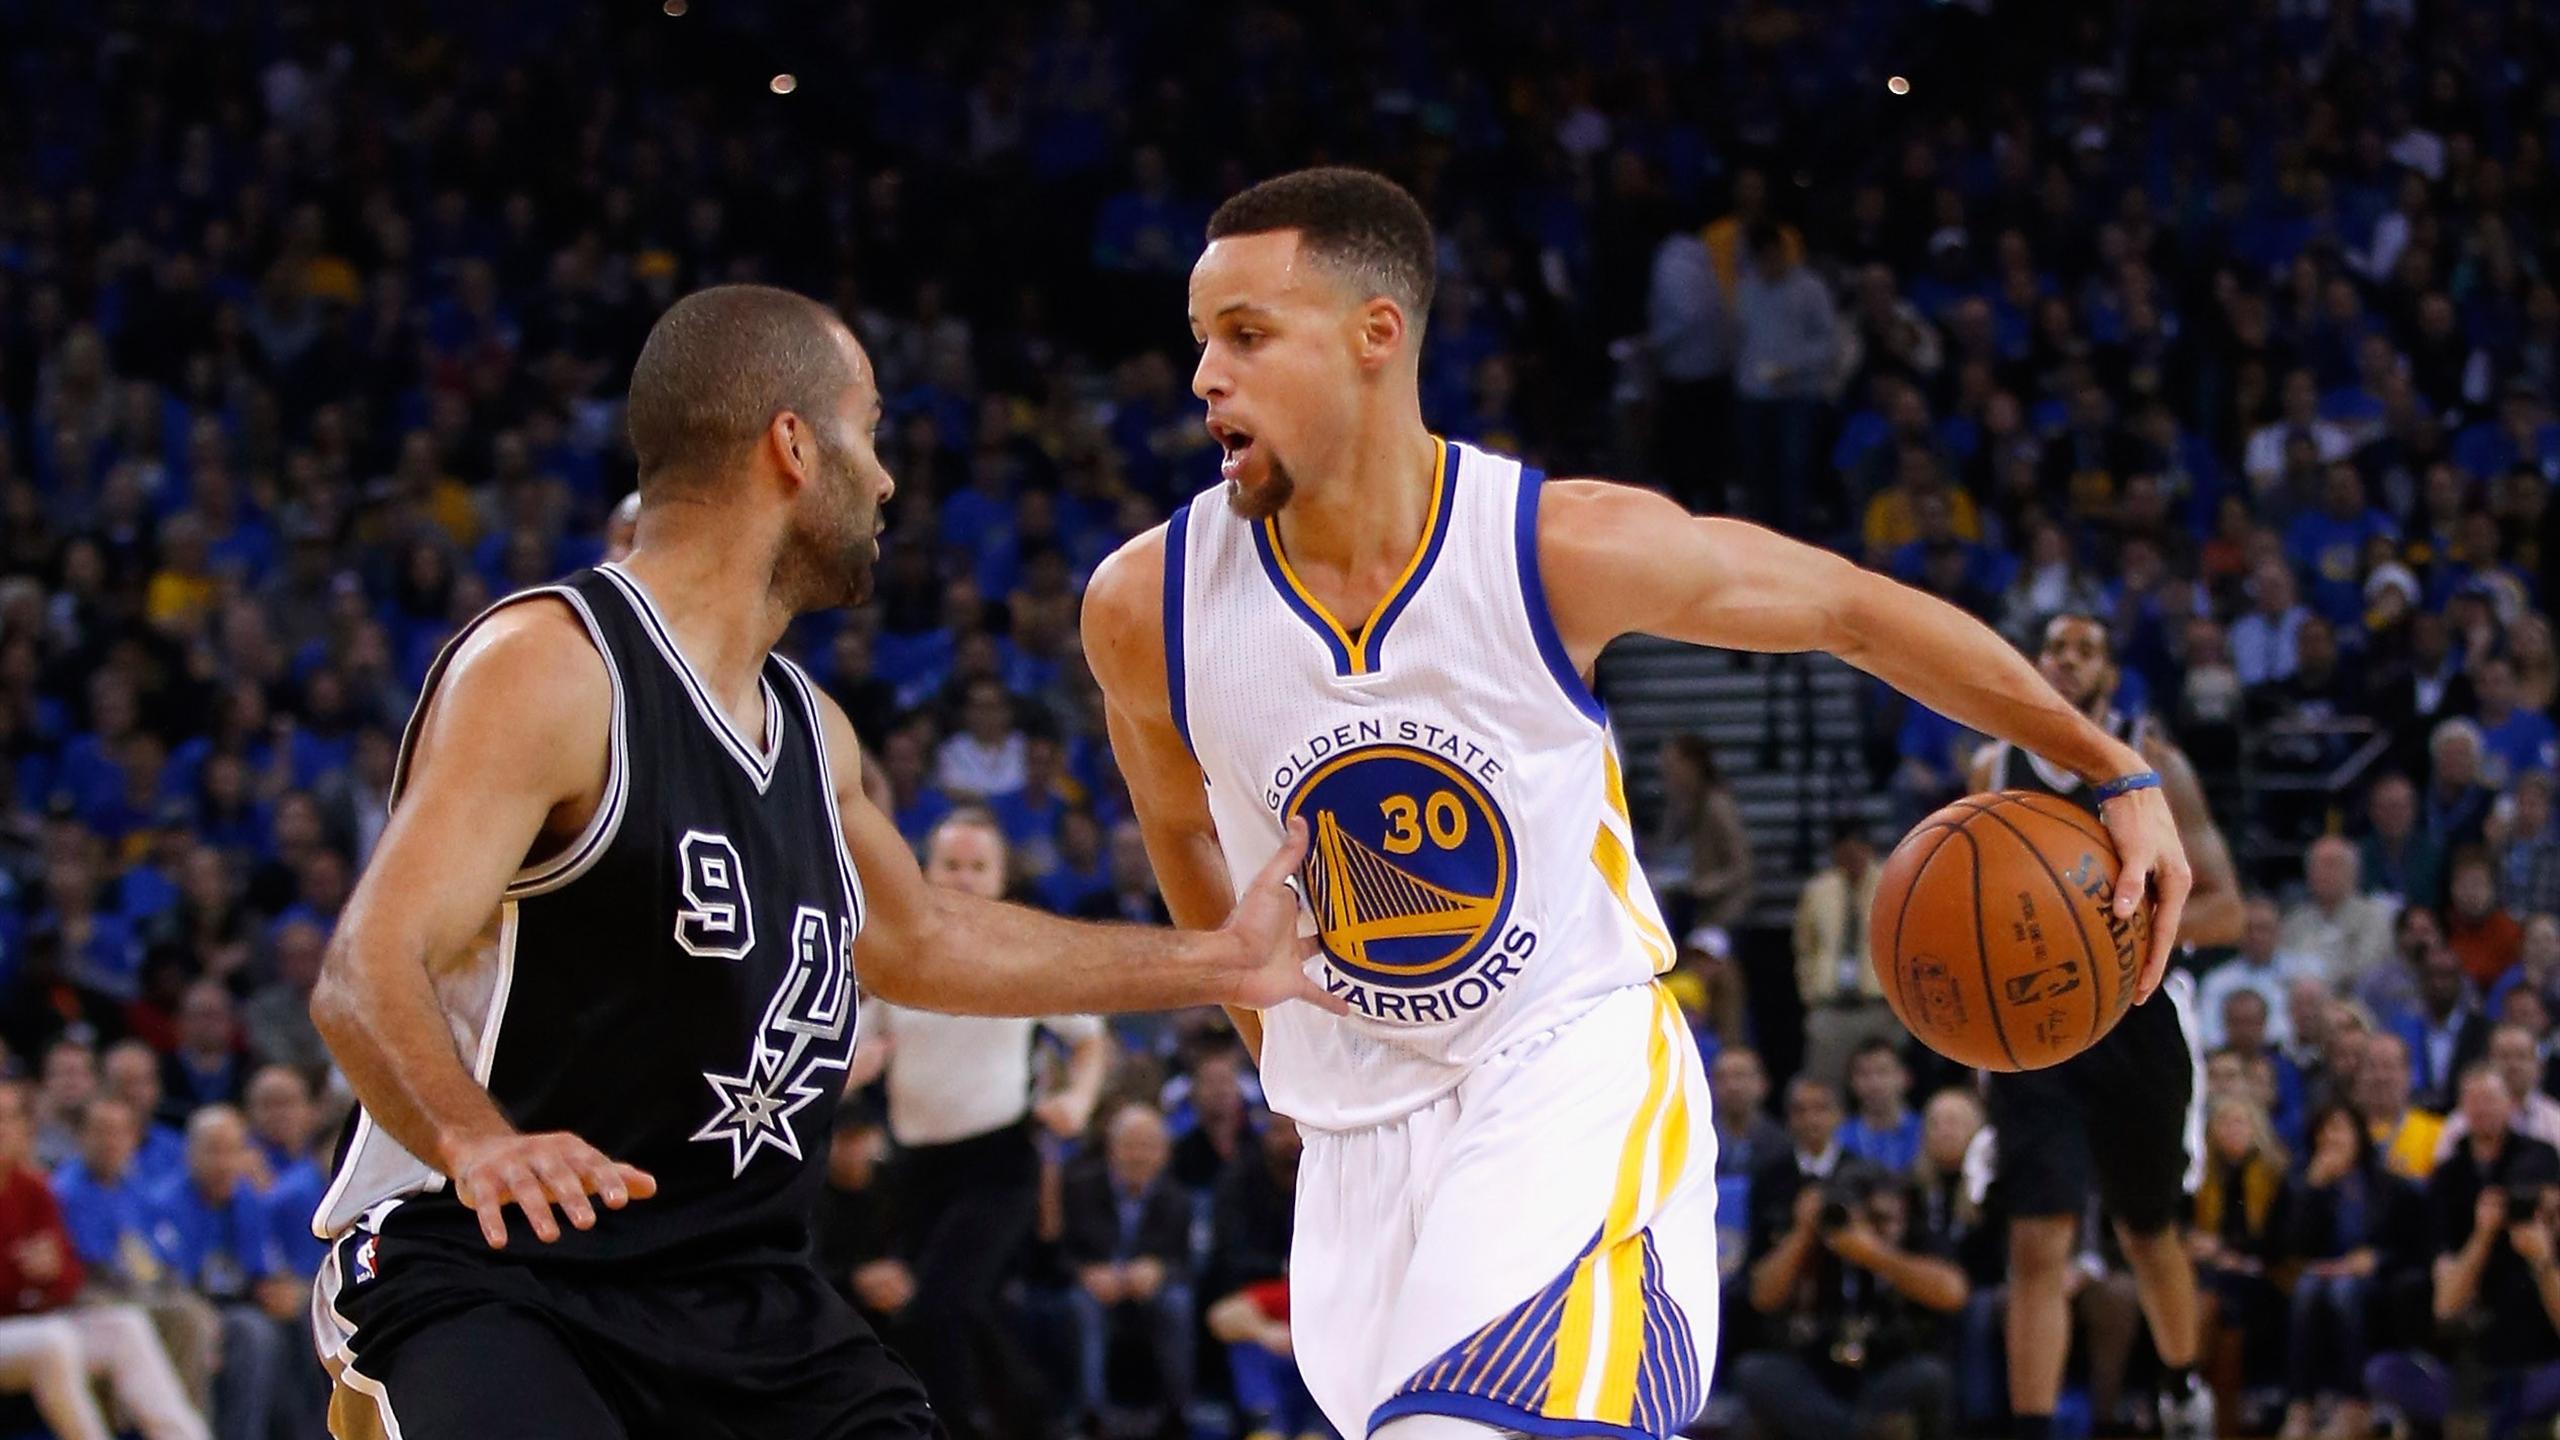 Steph Curry et les Golden State Warriors ont largement pris le dessus sur les San Antonio Spurs de Tony Parker en saison régulière